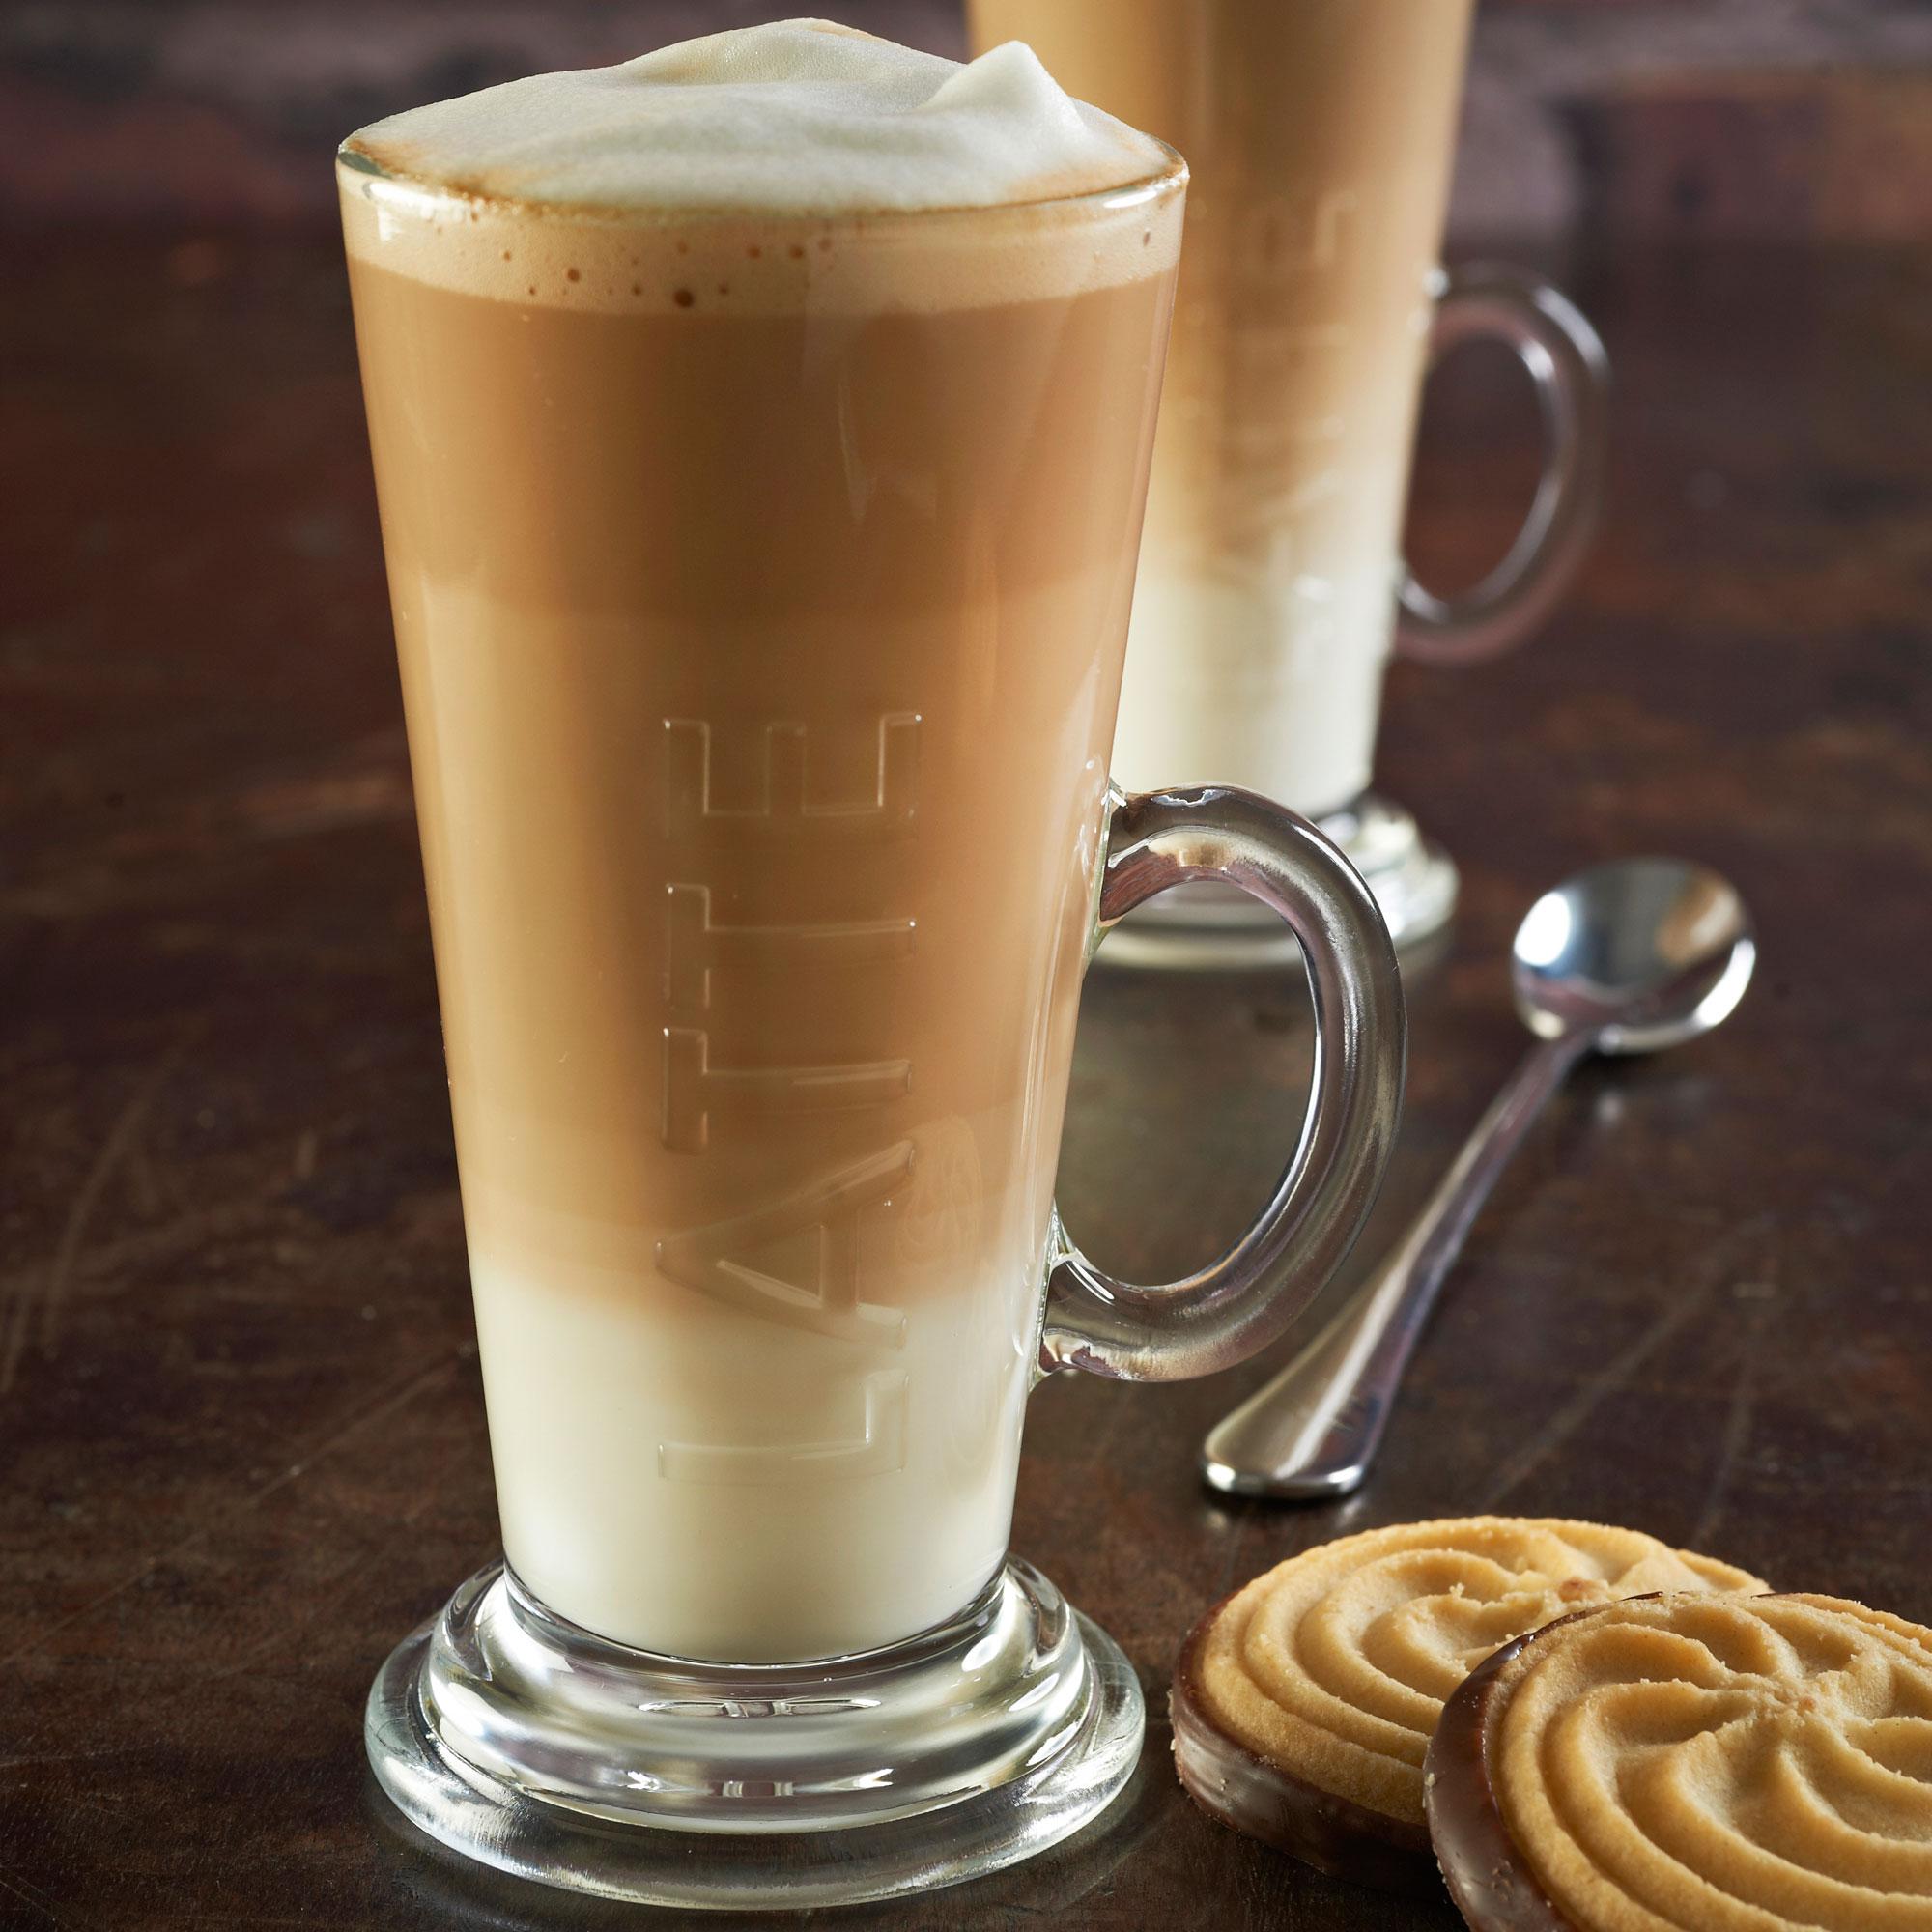 Ravenhead Entertain Embossed Latte Glass 8.4oz / 240ml